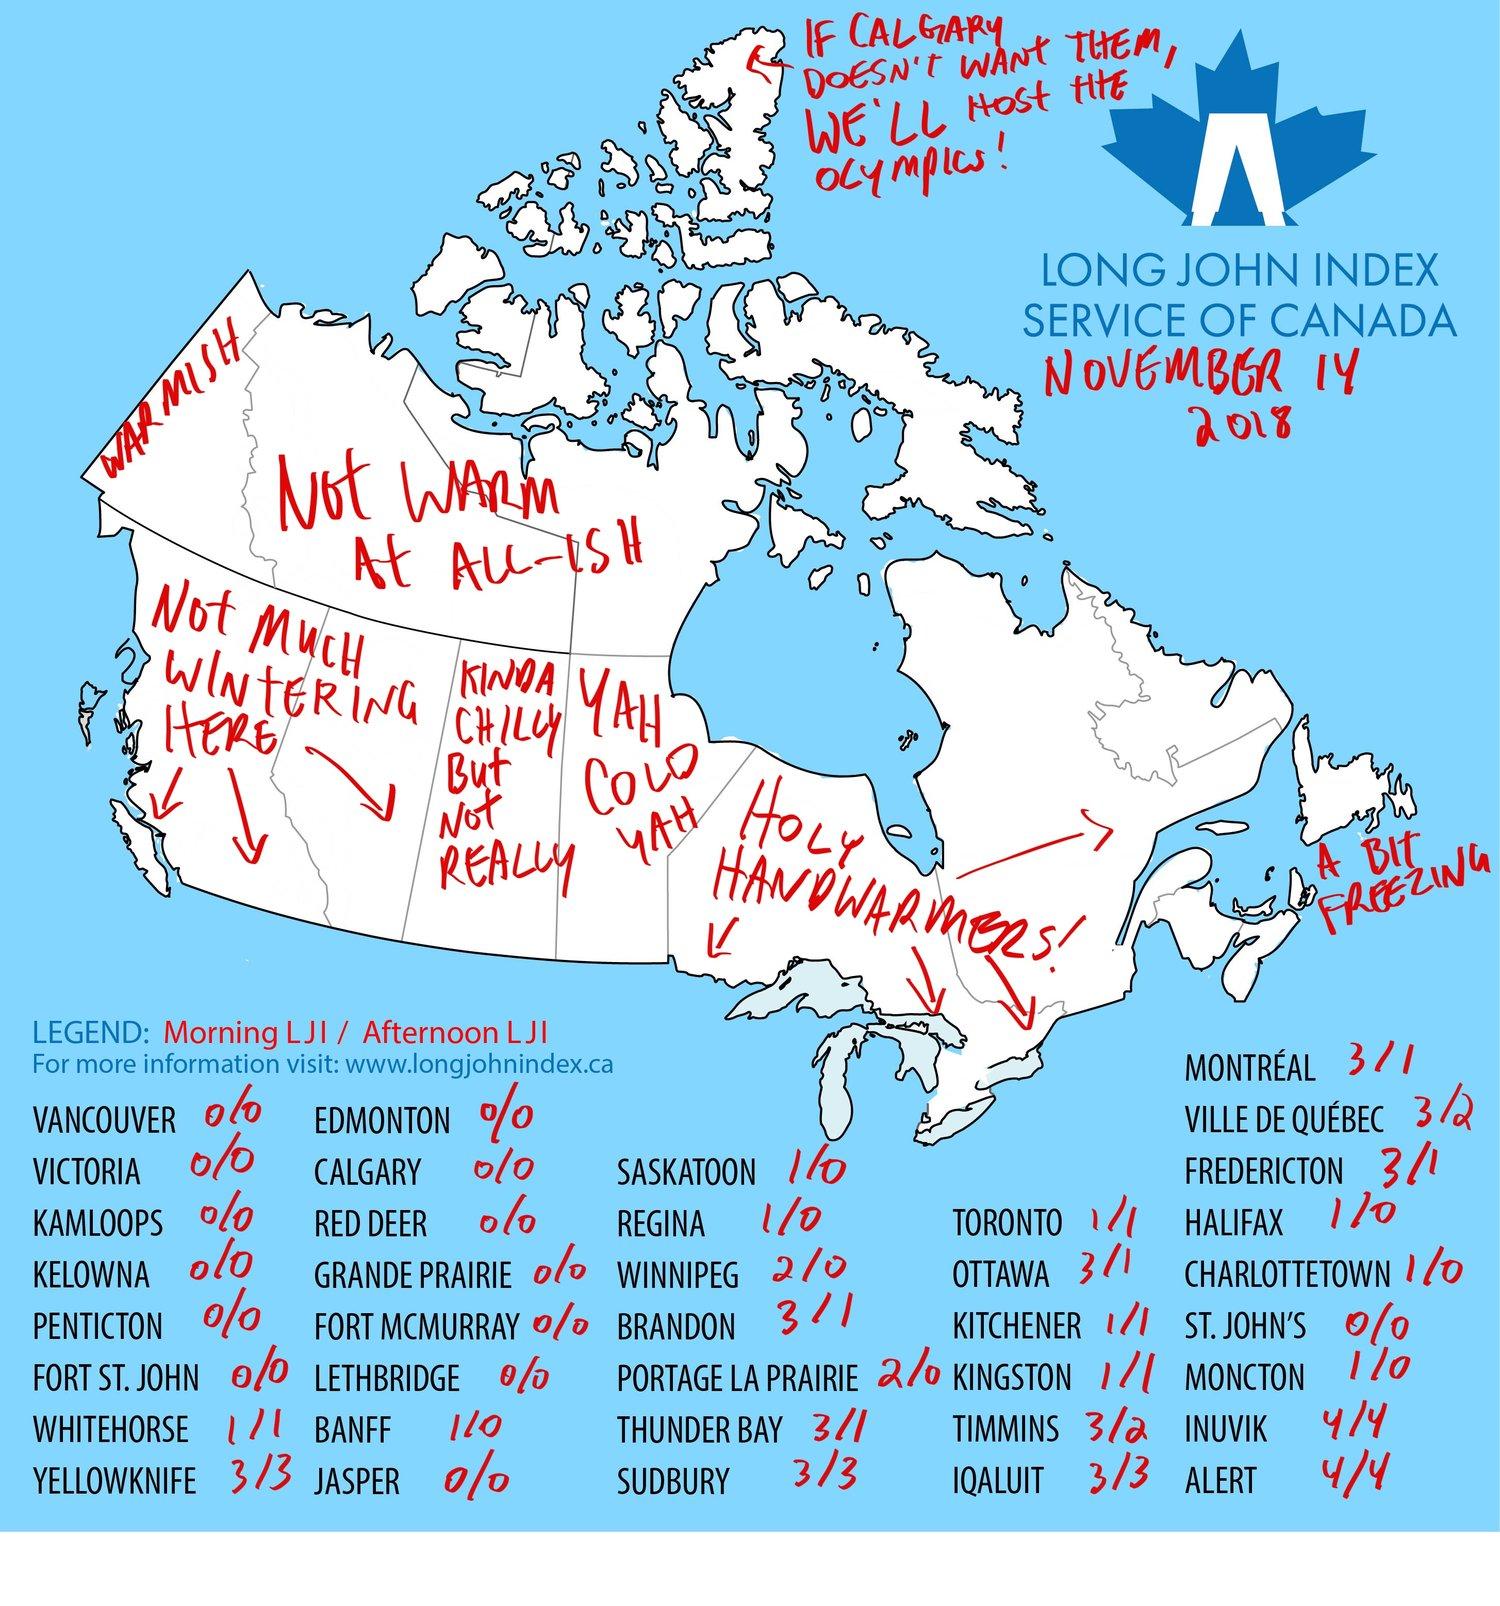 Long John Index Weather Map November 14 2018 The Long John Index